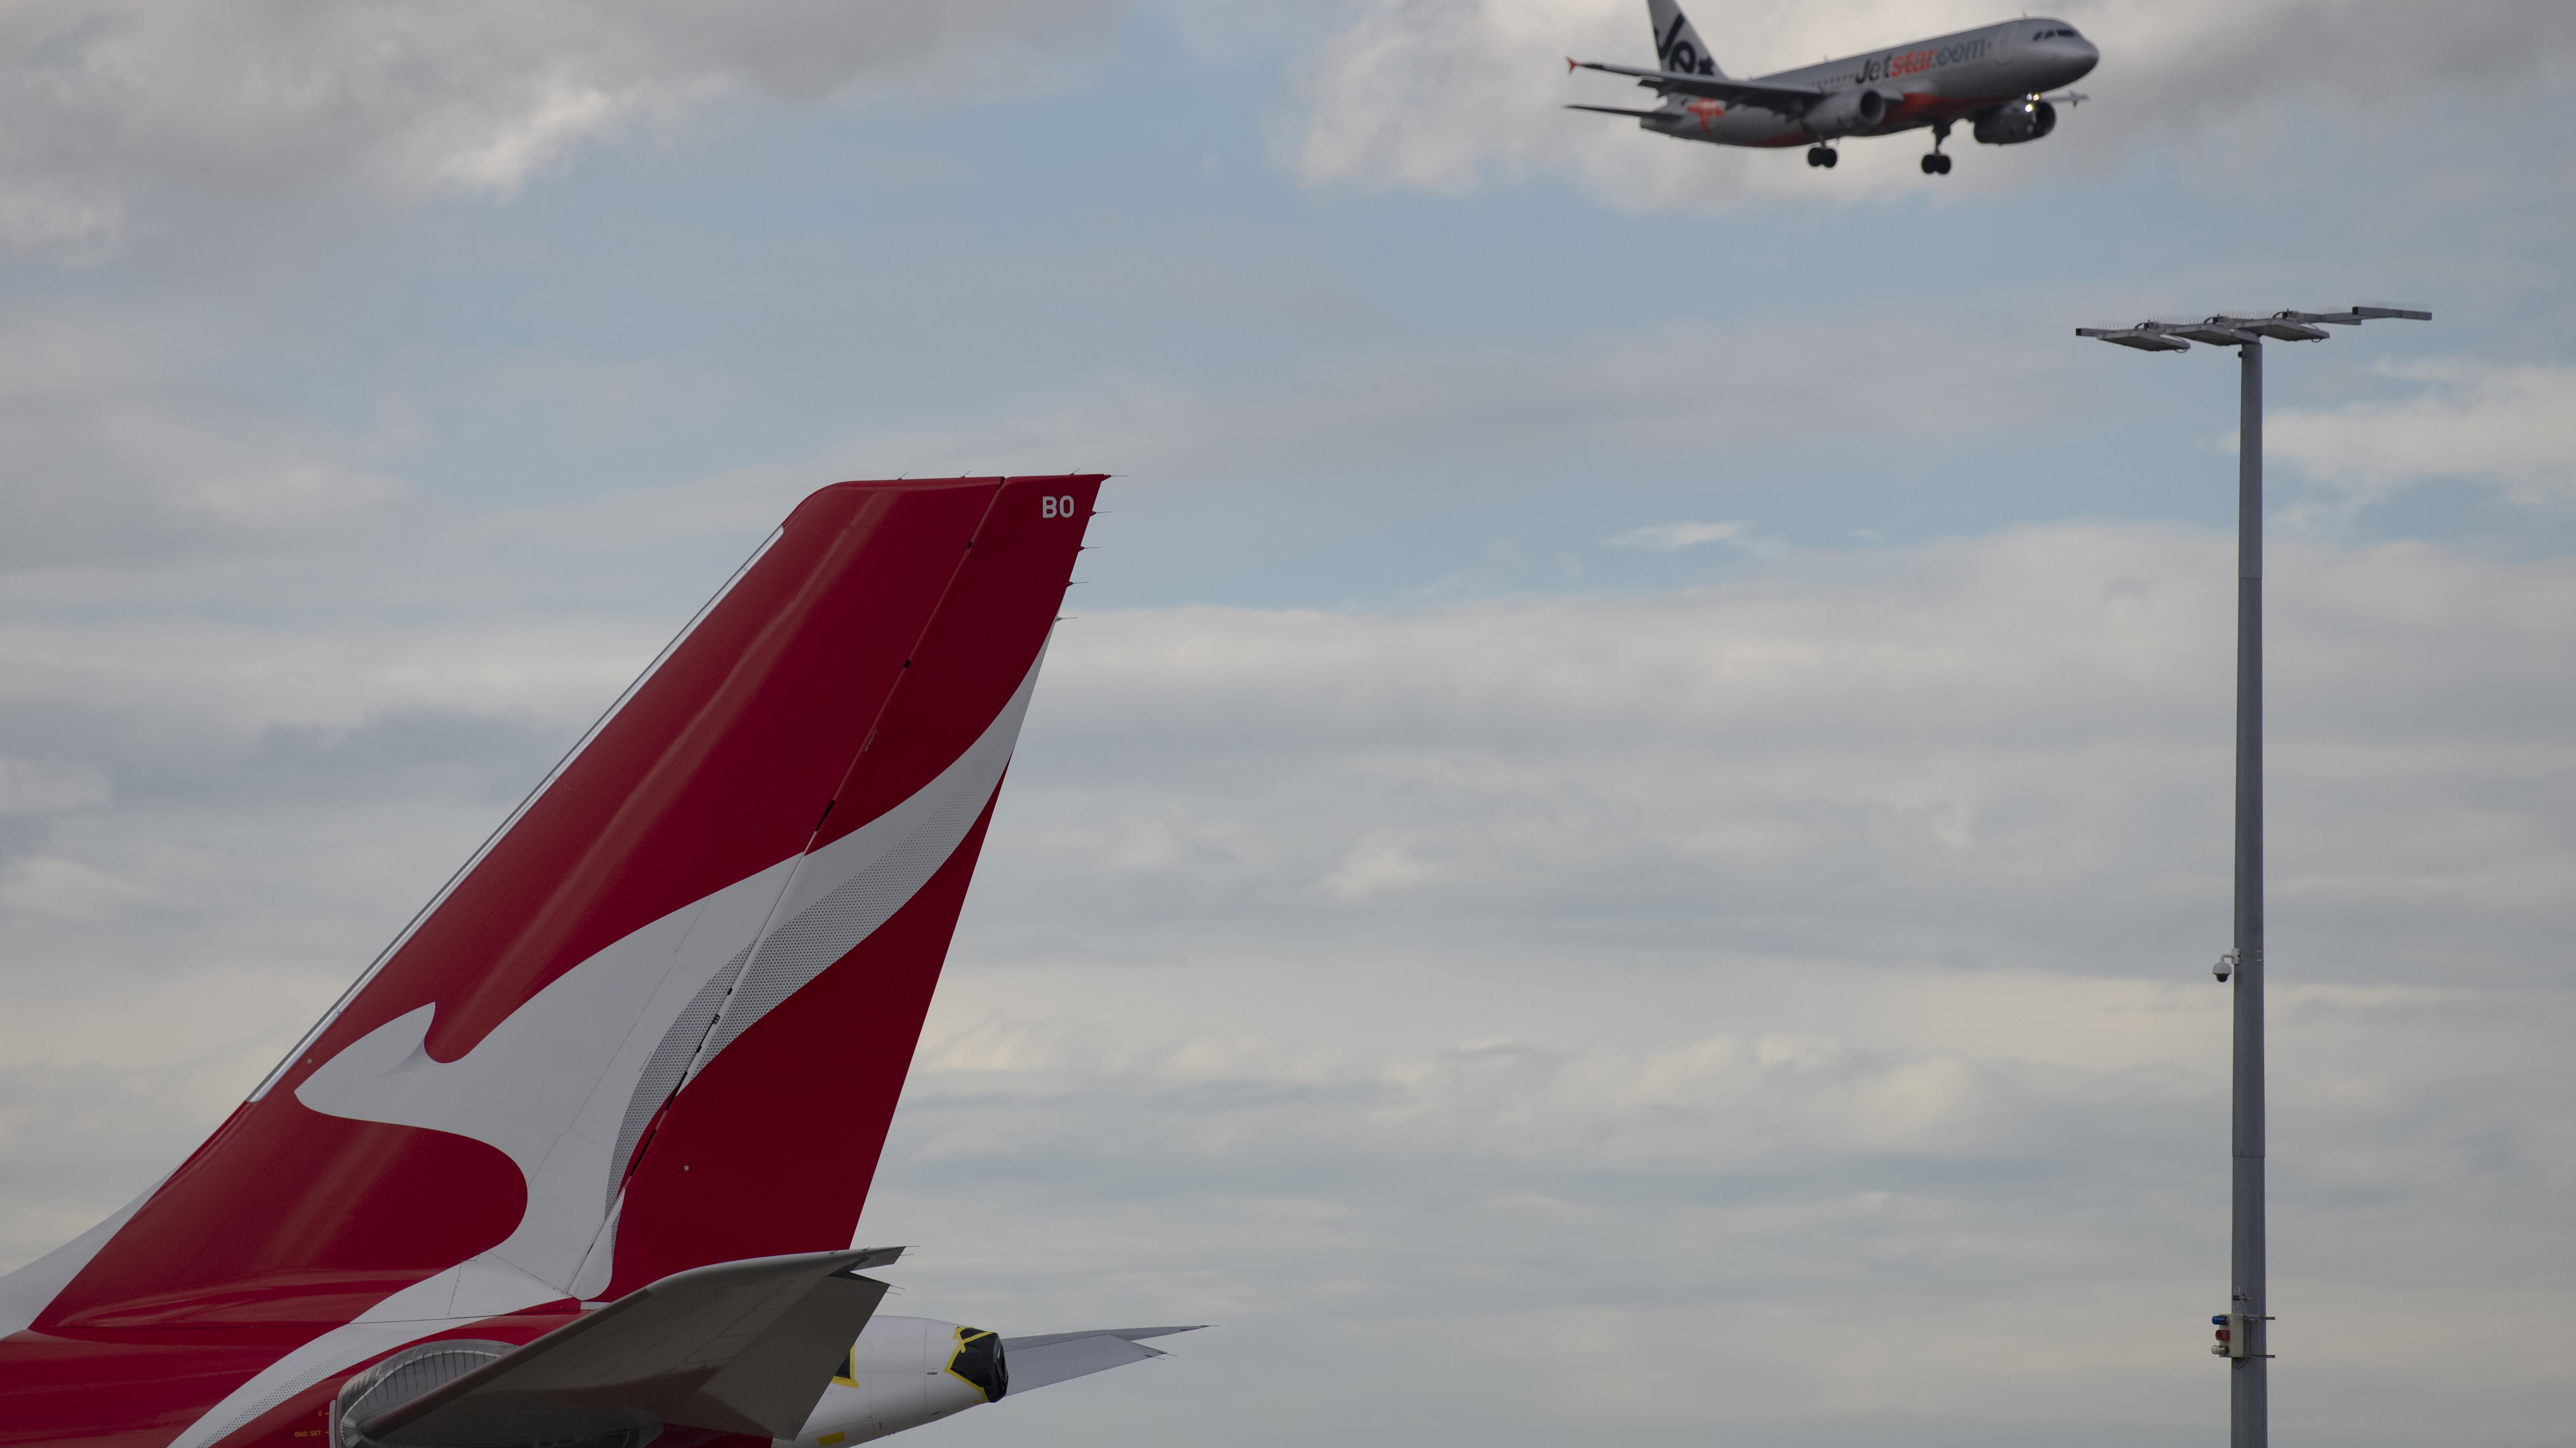 Qantas aircraft at Sydney's Kingsford Smith Airport.